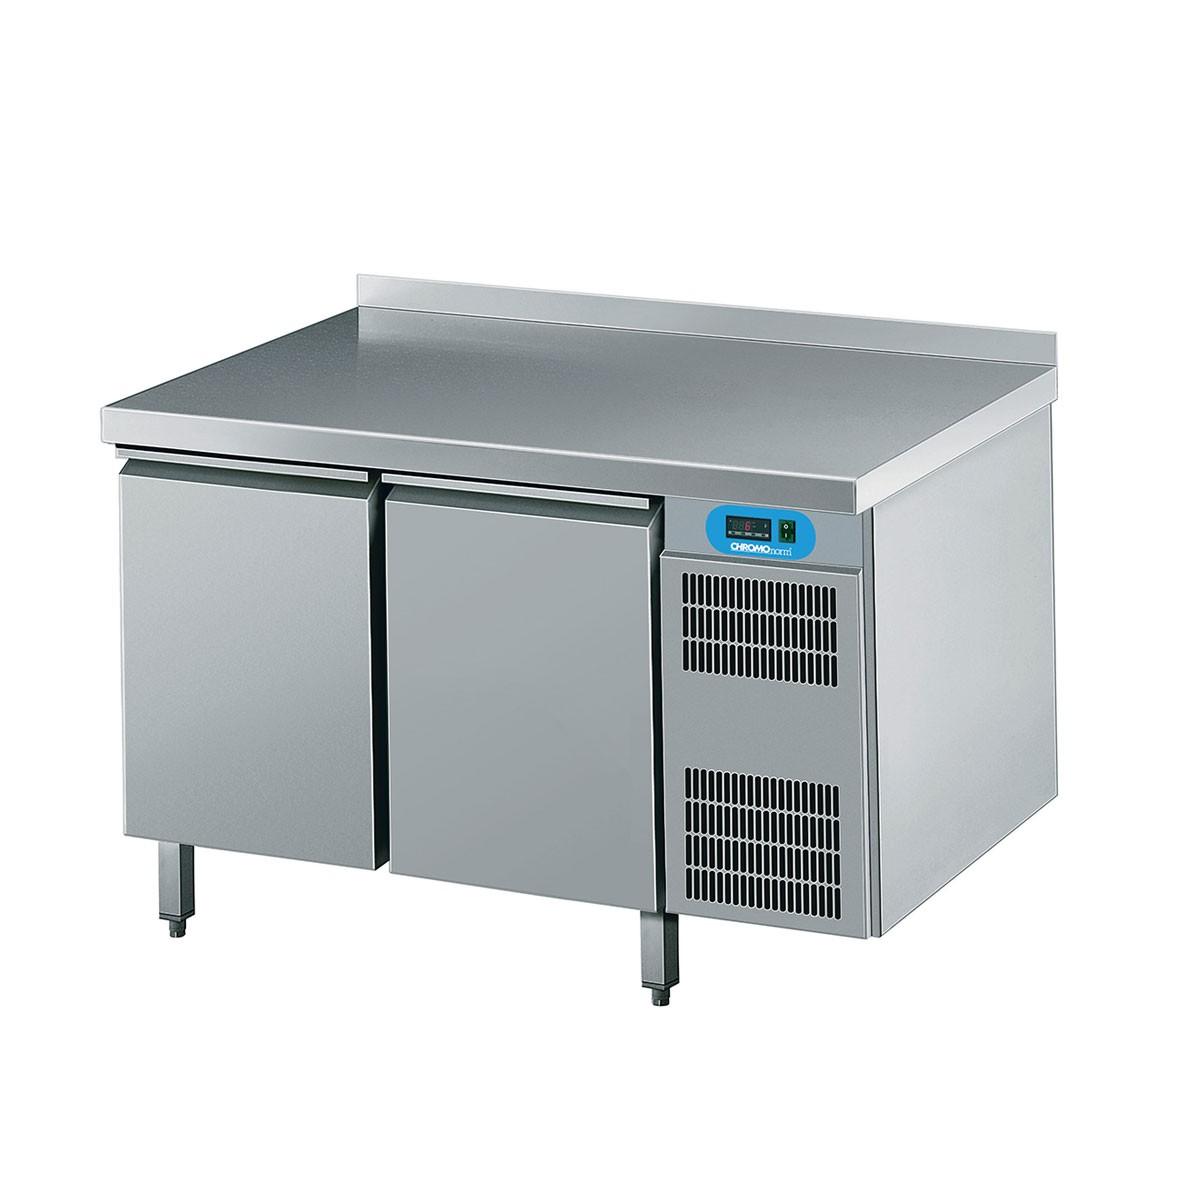 Chromonorm Bäckerei Kühltisch mit 2 Flügeltüren 1400 x 800mm CKTEK8246601